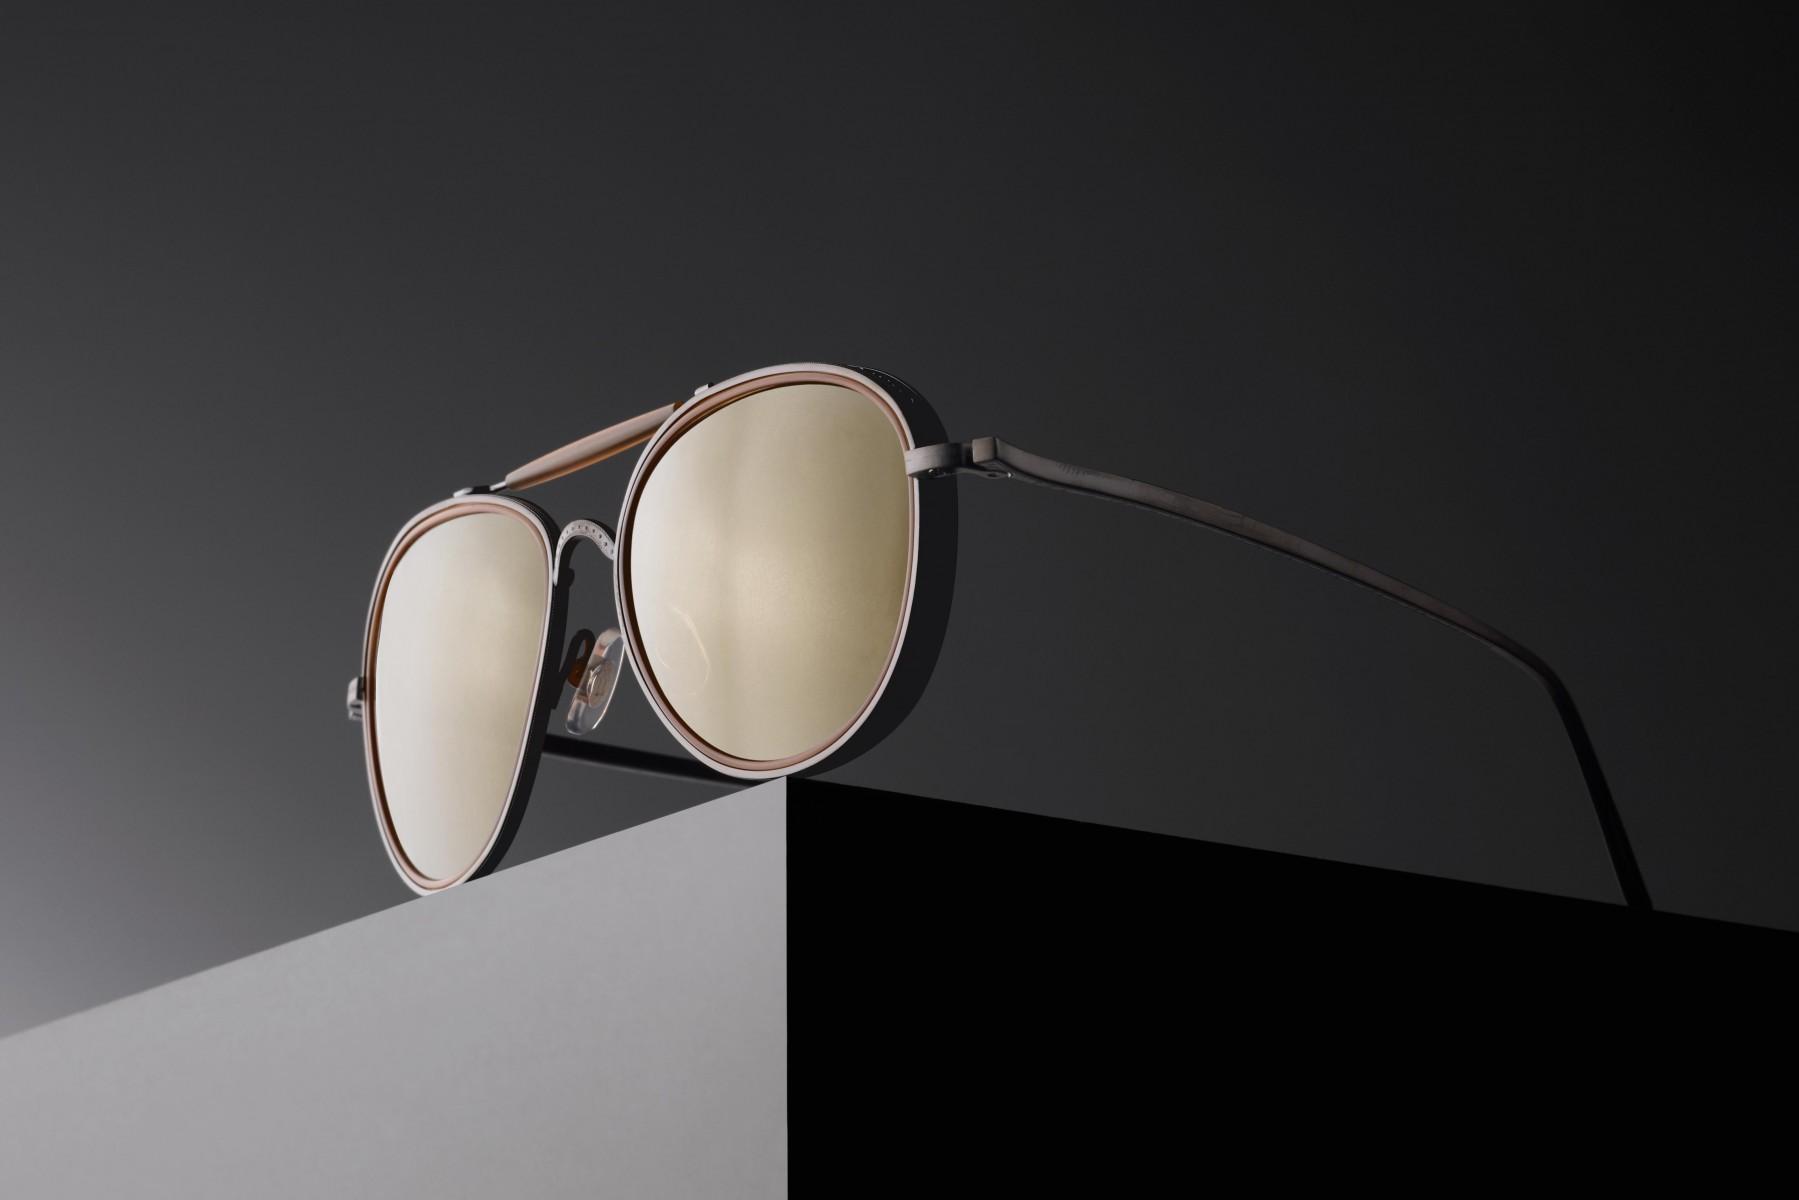 matsuda-eyewear-tight-m3051-mbkmcm-2